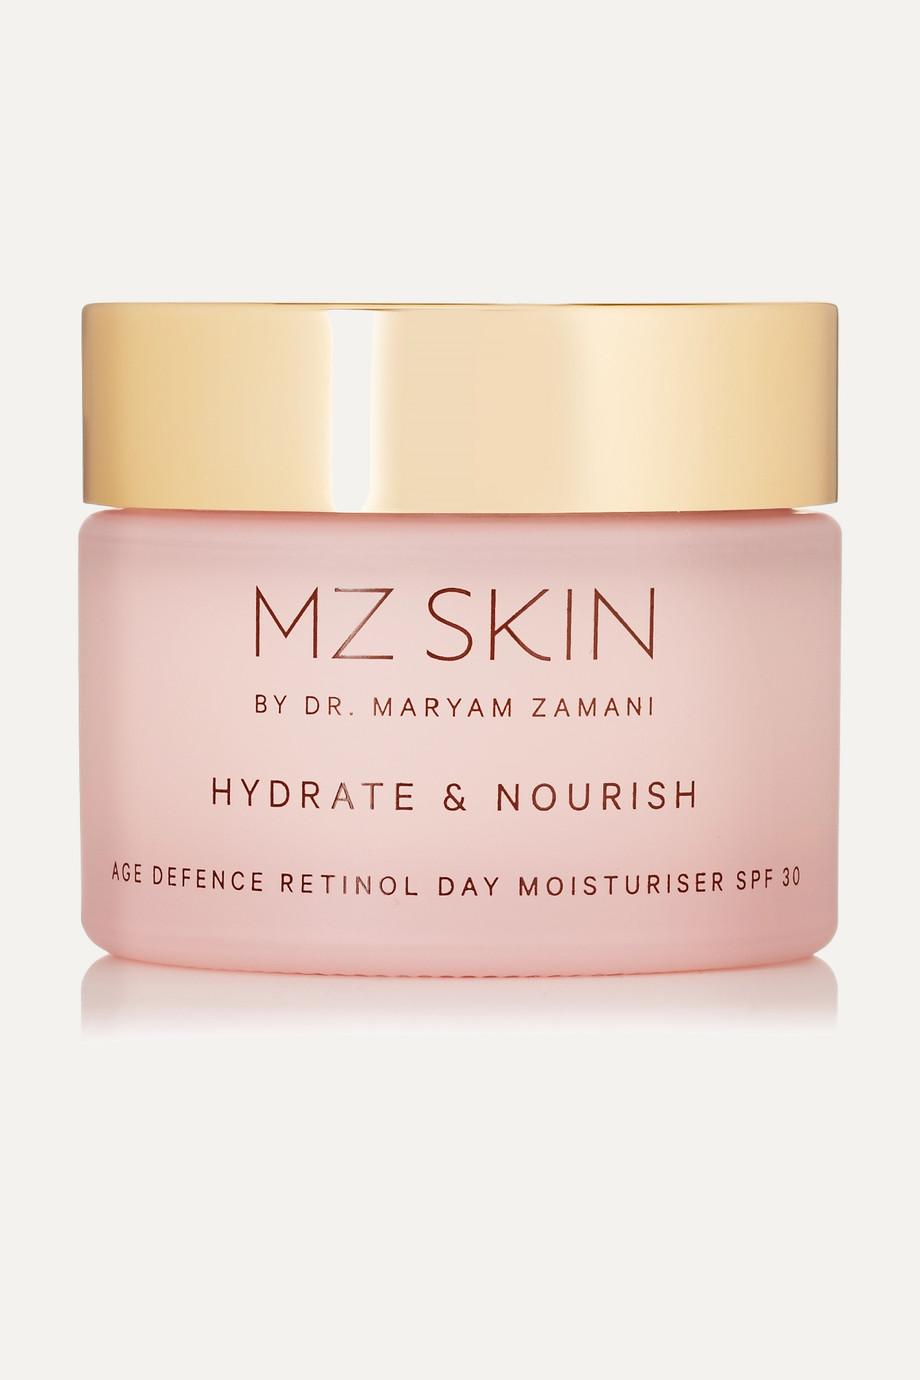 MZ Skin Hydrate & Nourish Age Defence Retinol Day Moisturizer LSF 30, 50 ml – Feuchtigkeitscreme